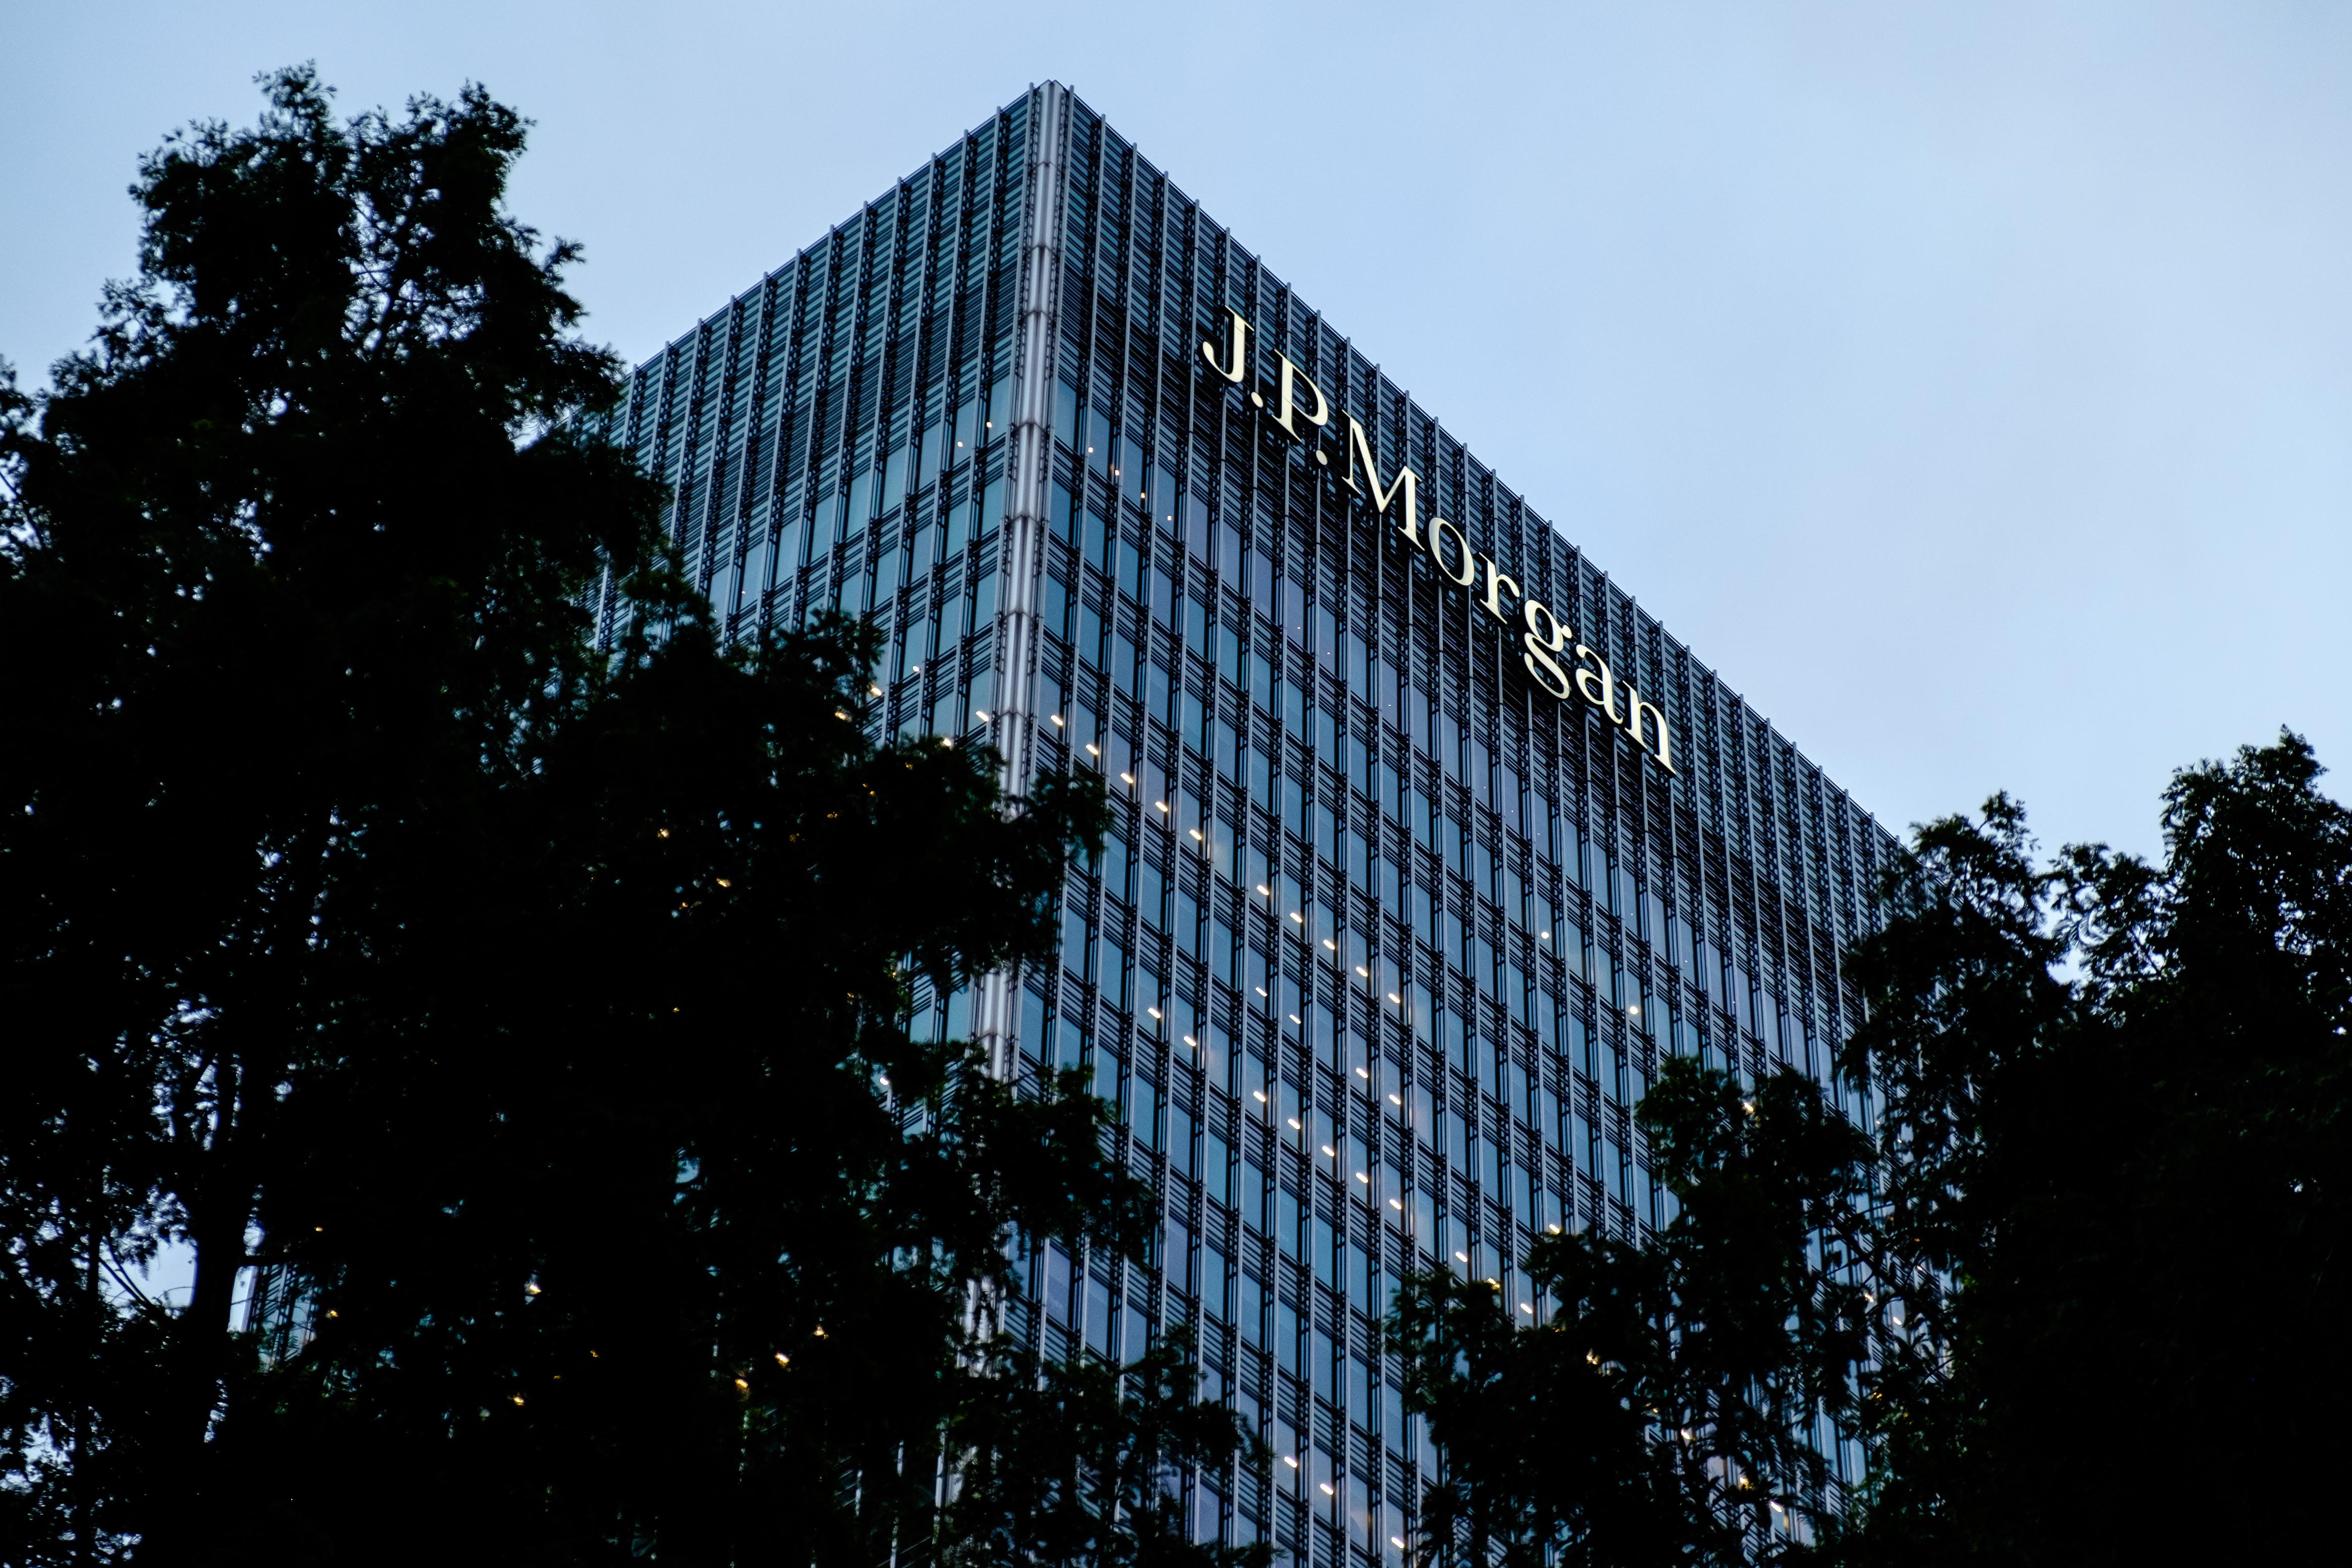 Fachada do banco JPMorgan, em Londres (Foto: Håkan Dahlström/Flickr)